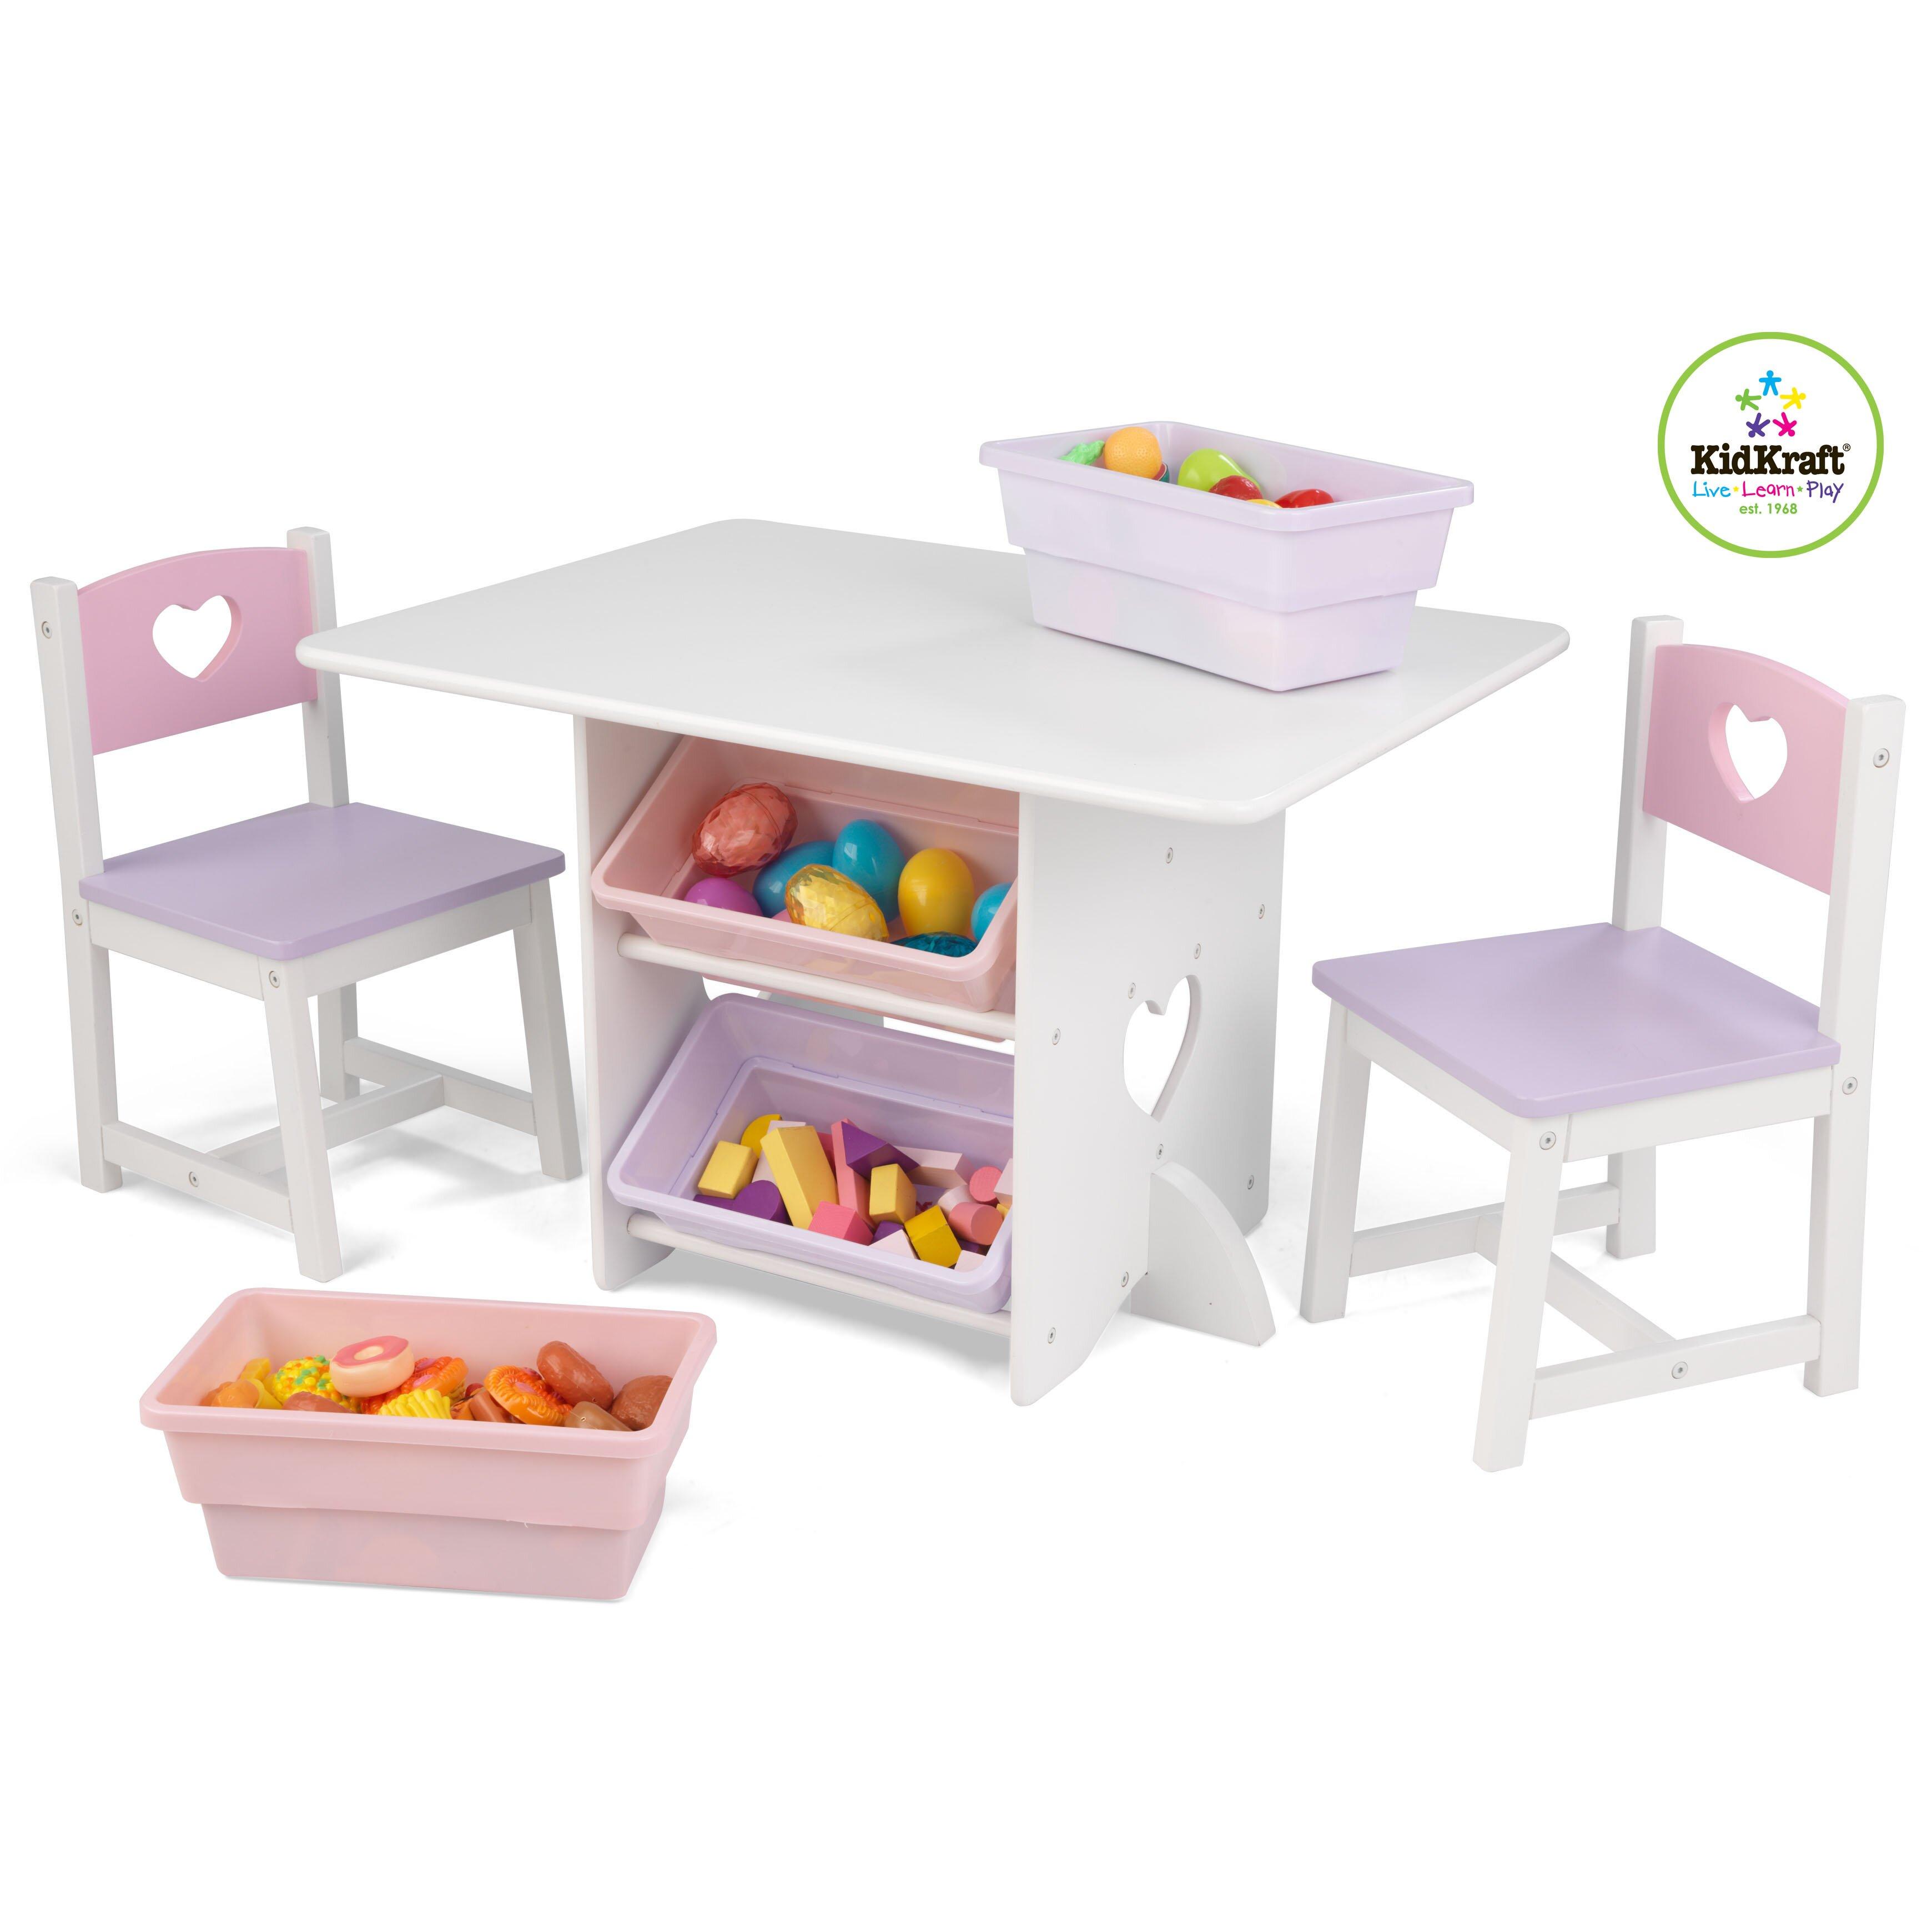 3 tlg kindertisch und stuhl set von kidkraft. Black Bedroom Furniture Sets. Home Design Ideas